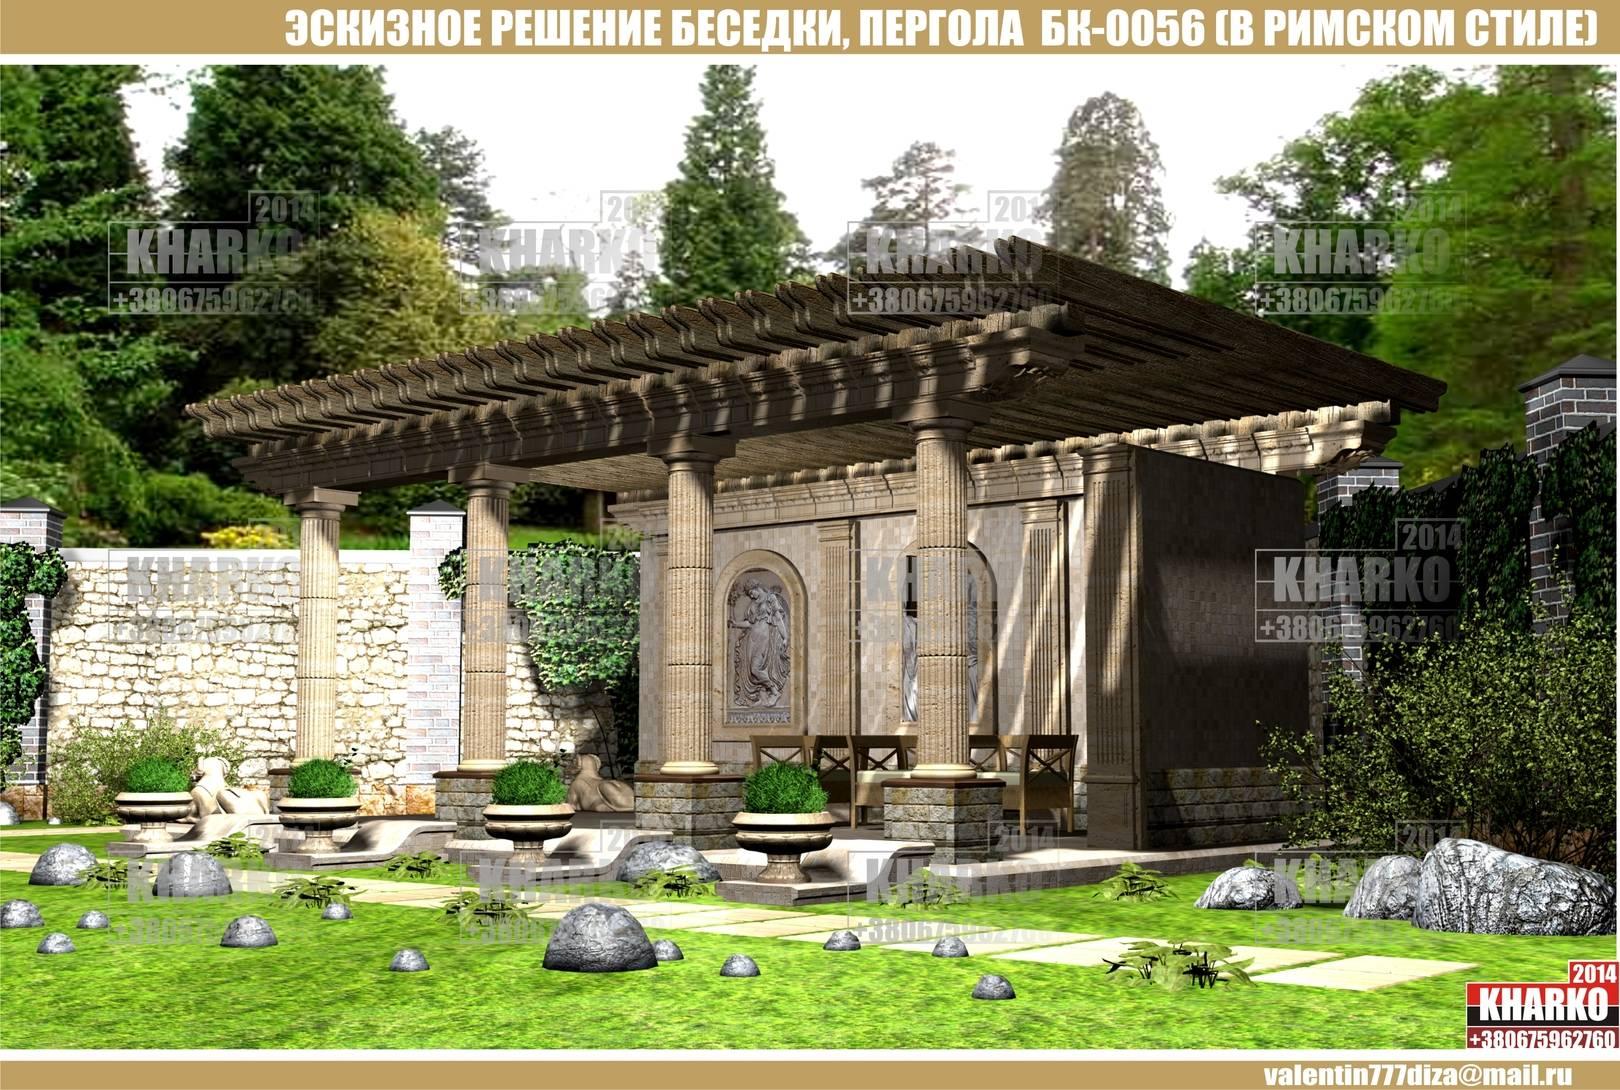 проект беседки, перголы БК-0056 (в римском стиле), project pergola, gazebo, shed  общая площадь беседки- 47,8 м. кв. эксплуатируемая площадь беседки-42,4 м.кв. габаритные размеры - 9,2 м. на 5,2 м. тип фундамента-монолитный ж/б материал наружной стены и опор-кирпич, бетон,дерево тип кровли-битумная черепица, керамика Наружная отделка цоколя -декоративный камень Стоимость проекта- 1500 грн.